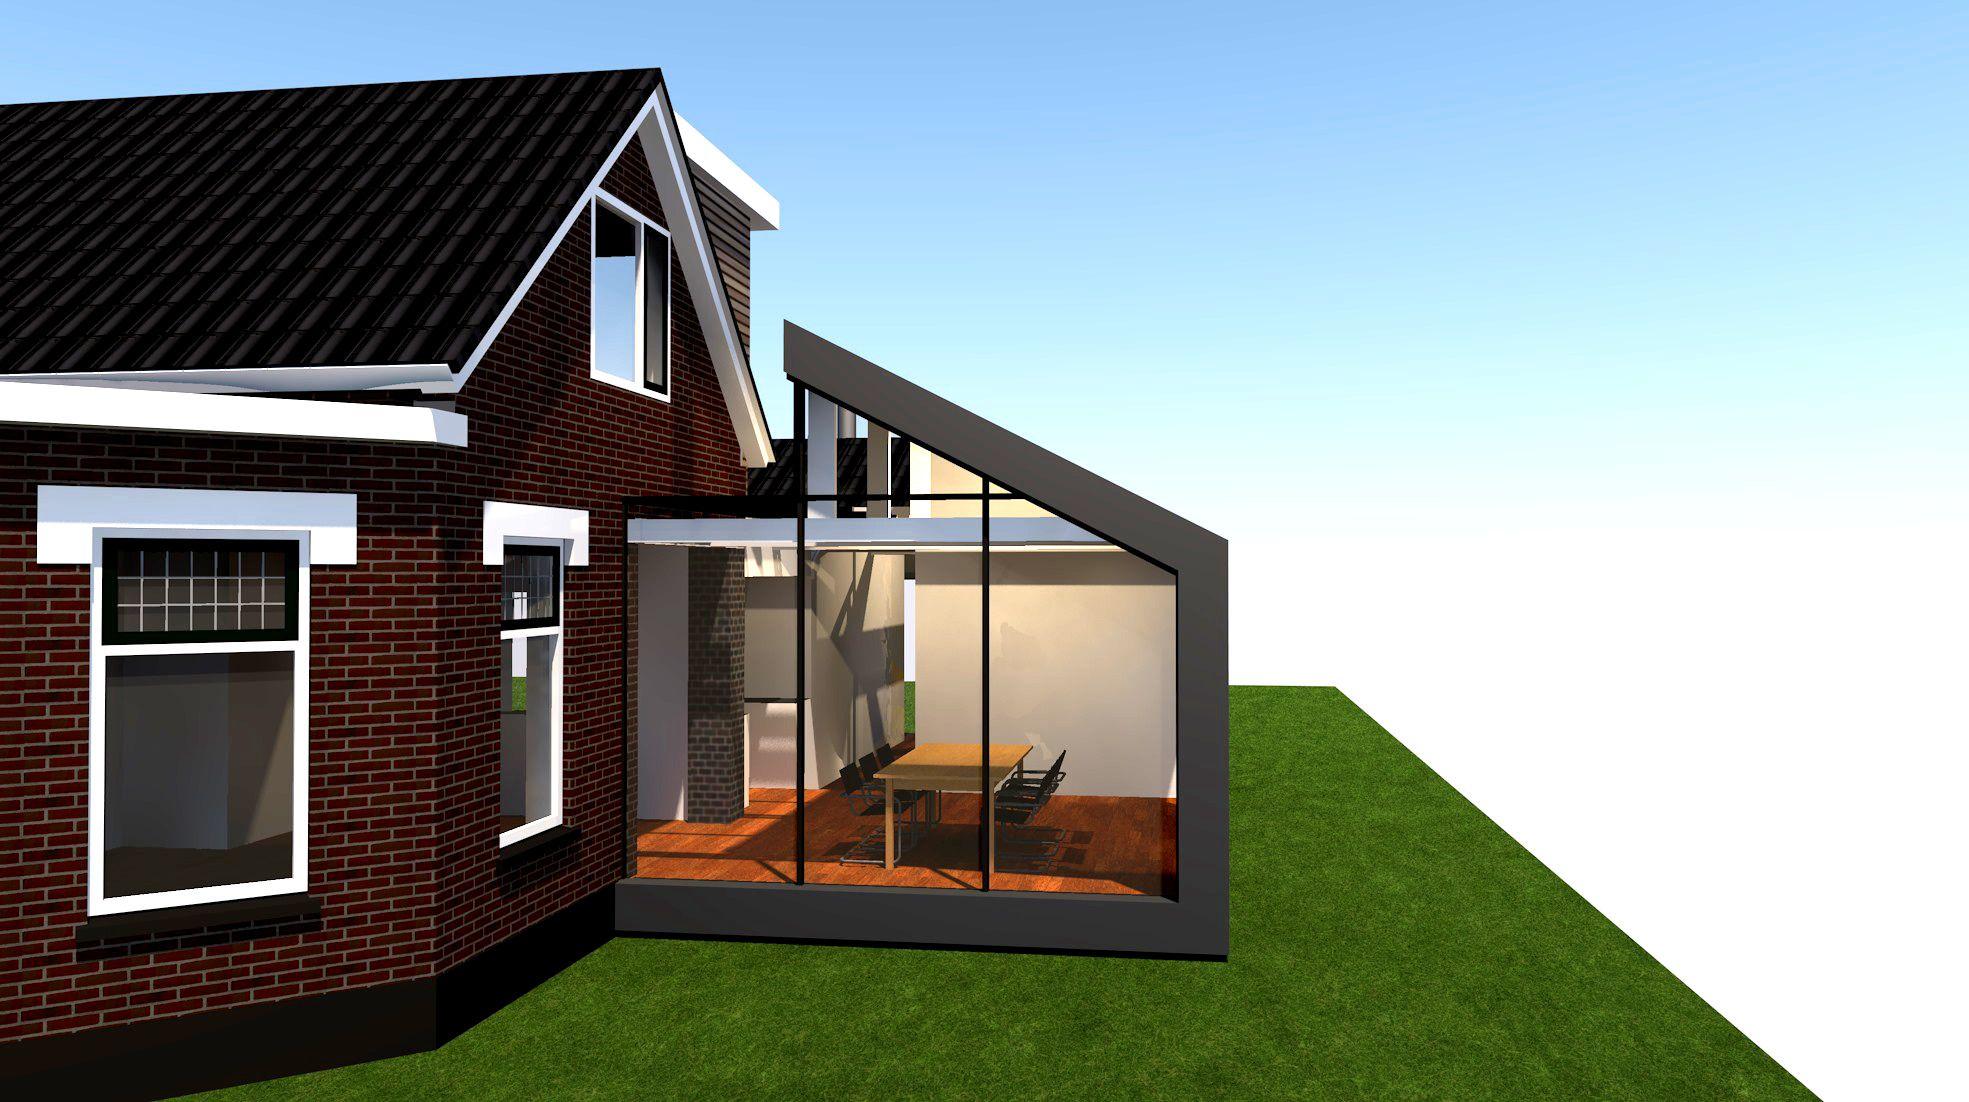 Aanbouw in glas aluminium en dakpannen aan deze 1900 woning met al